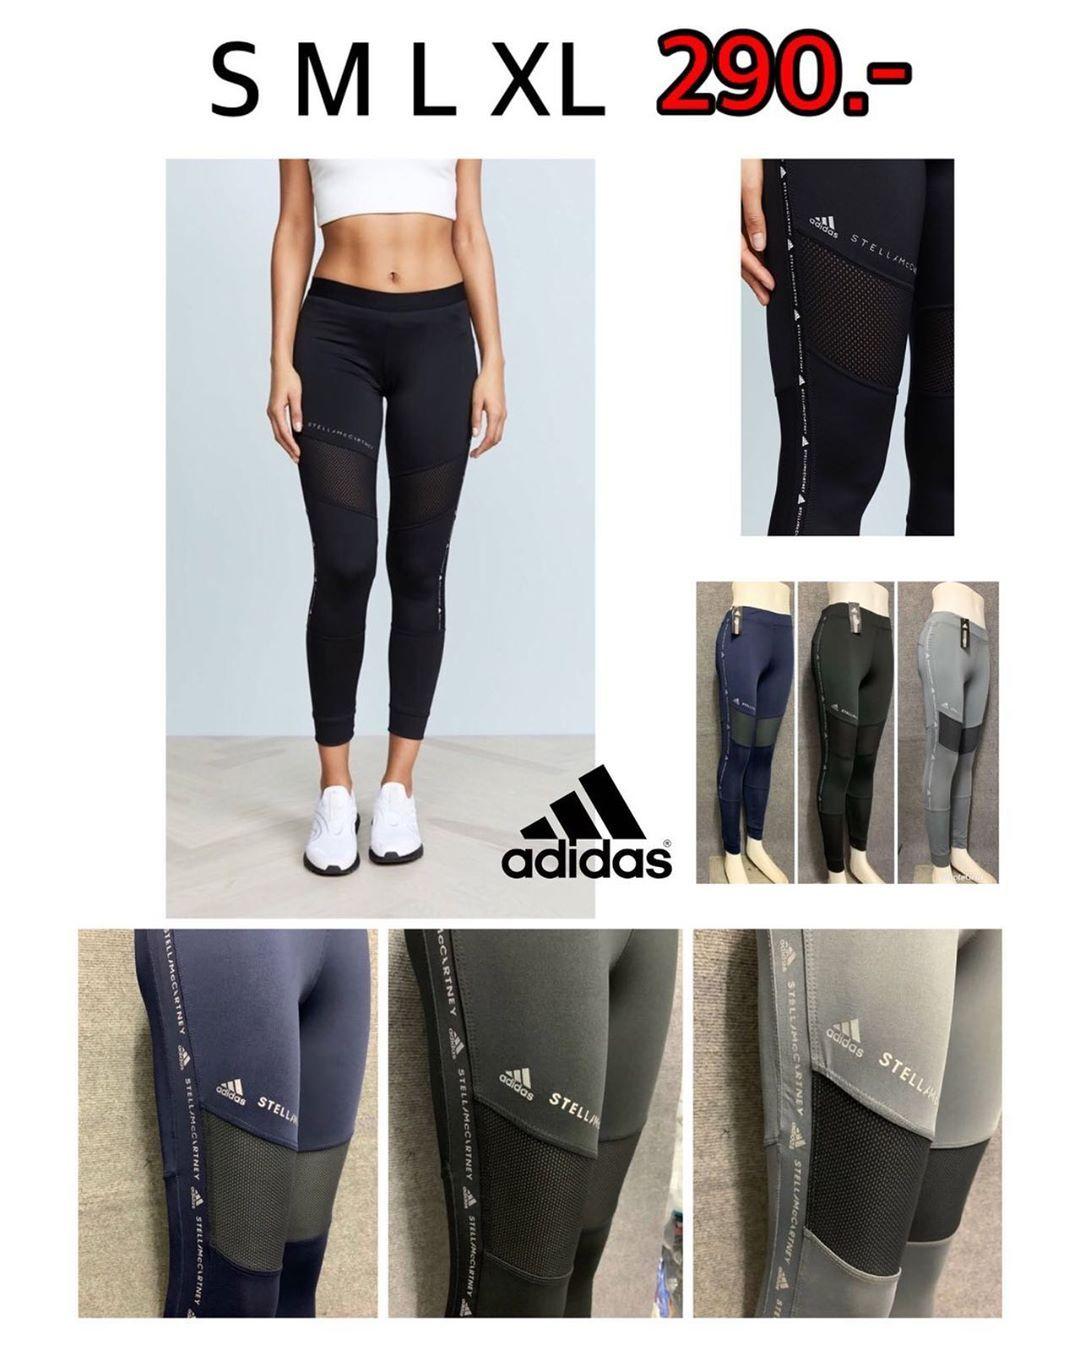 Adidas Stella Legging🎉 สวยปังมากๆค่ะ🎊 #diet #healthyfood #sale #sportswear #yoga #yogathailand #yoga...